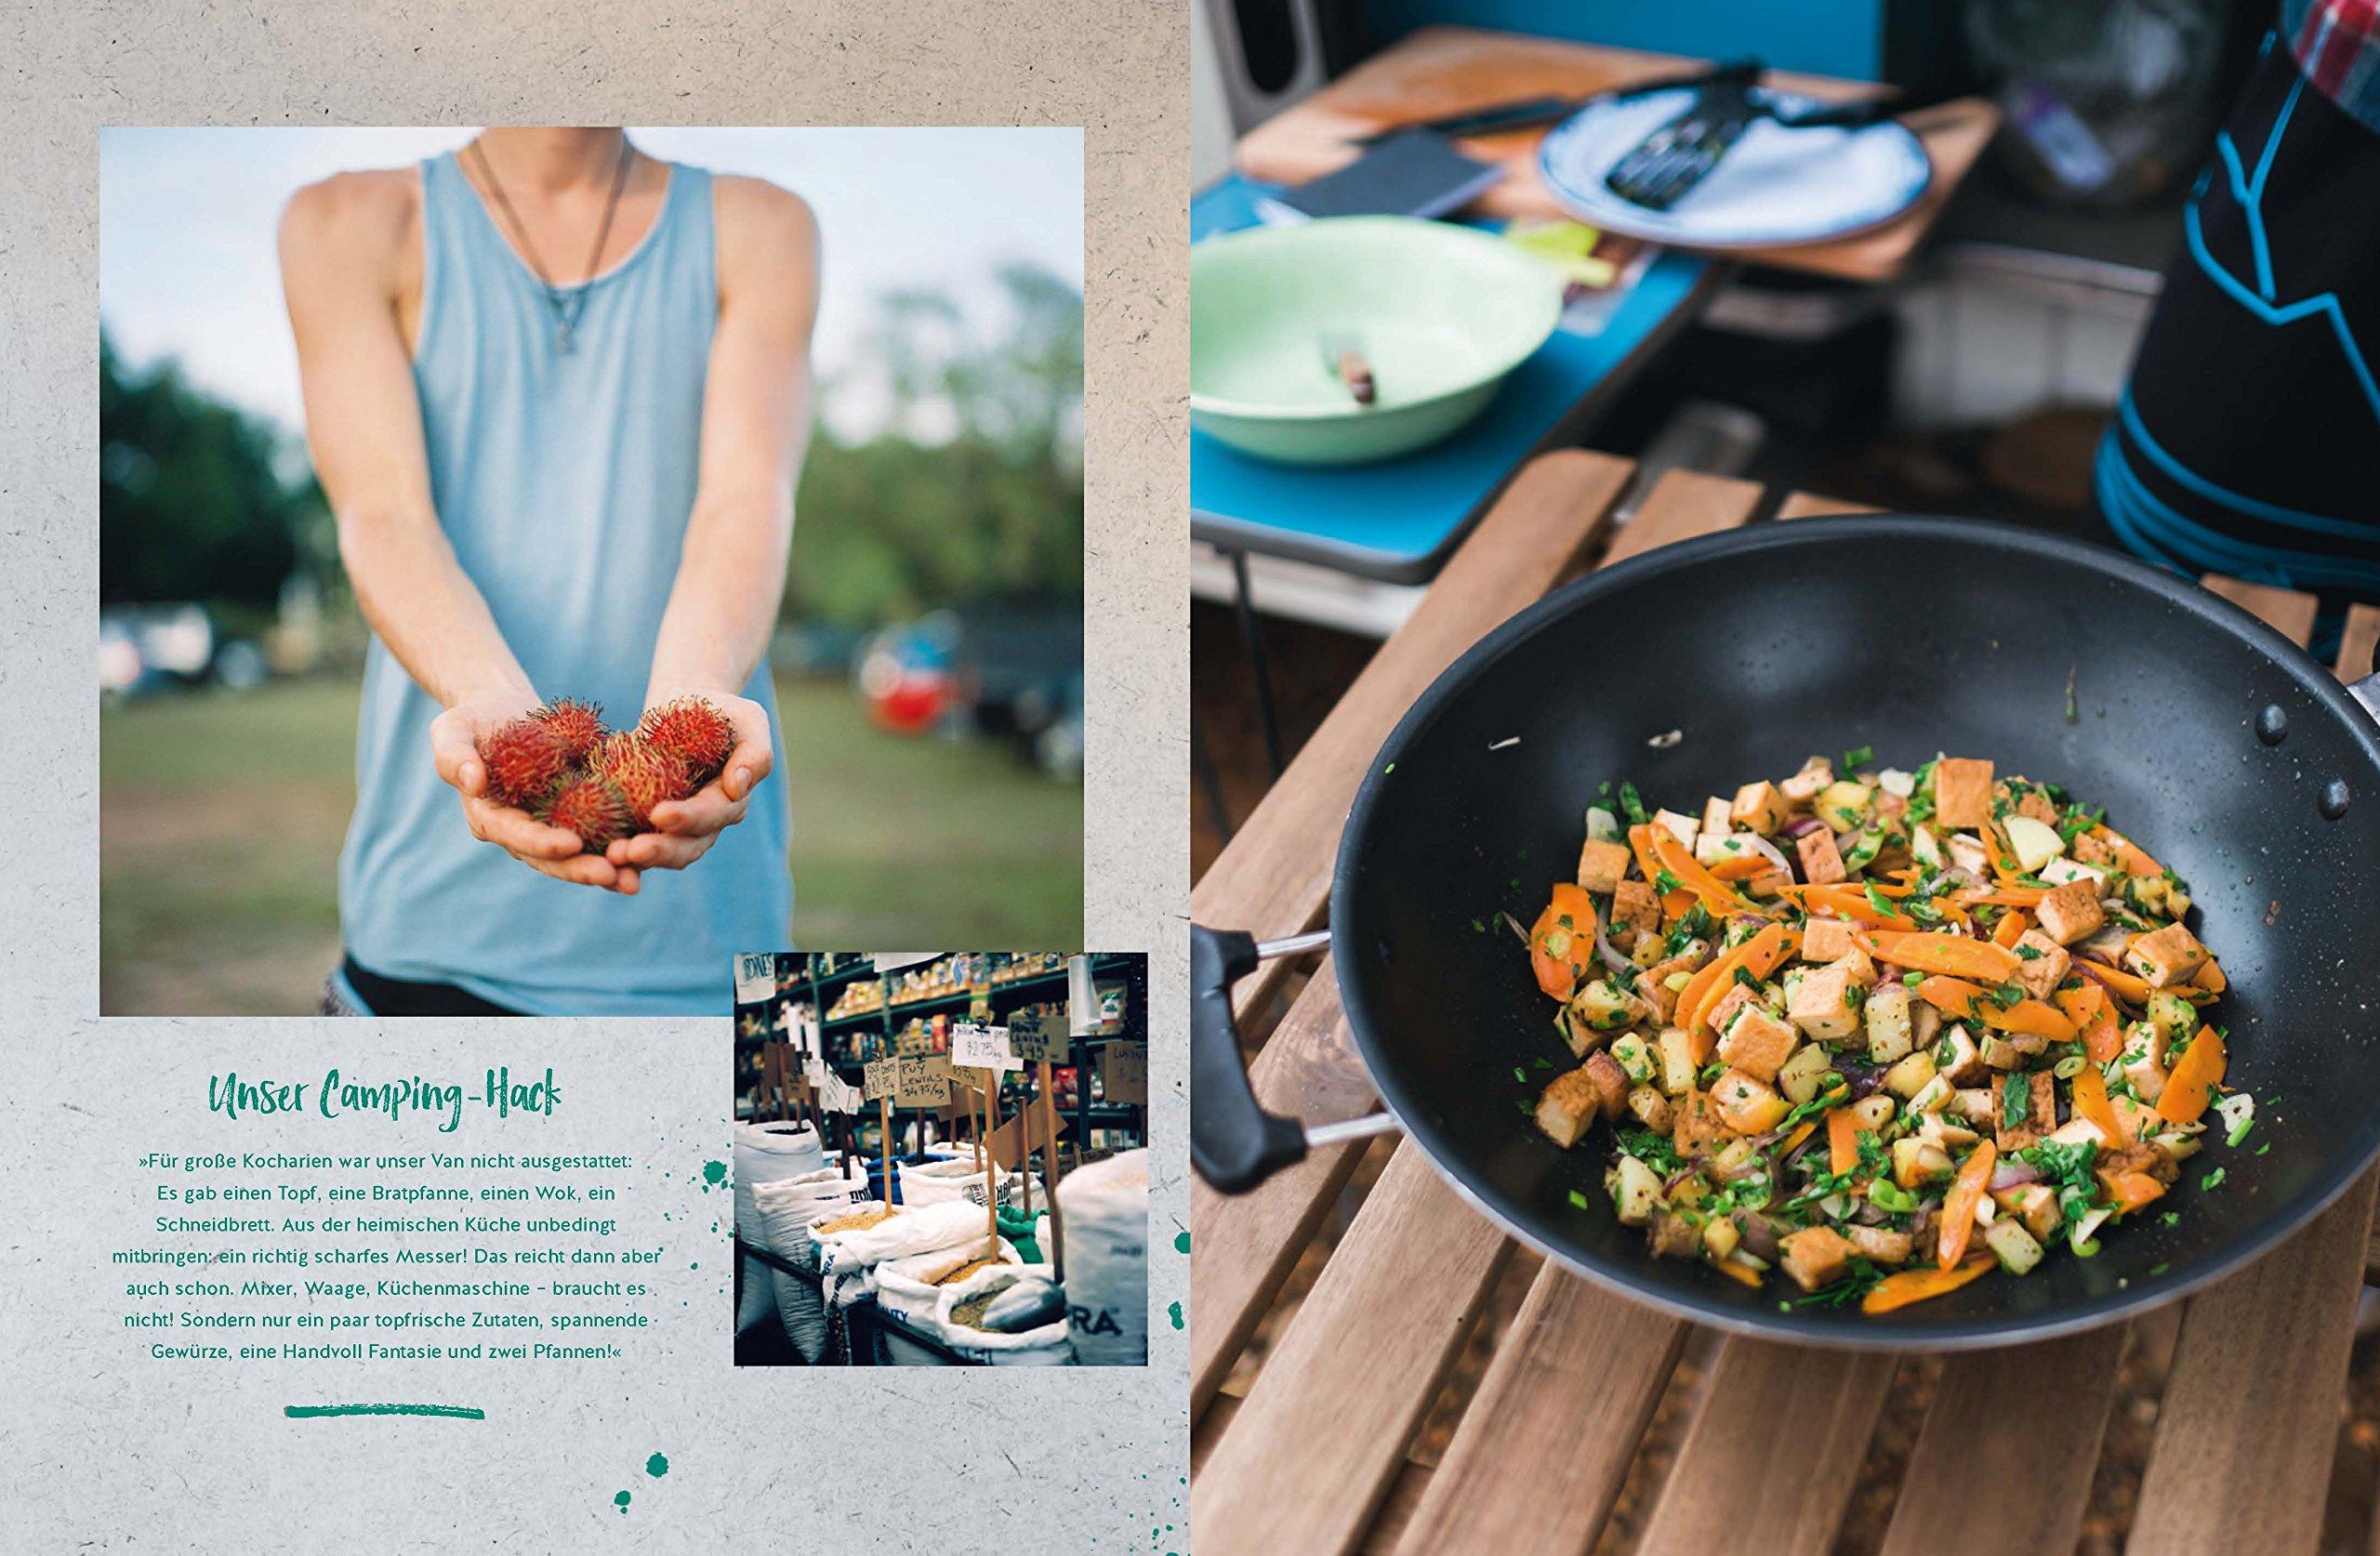 Die Neue Outdoor Küche Buch : Zwei pfannen on the road die einfachste camping veggie küche der